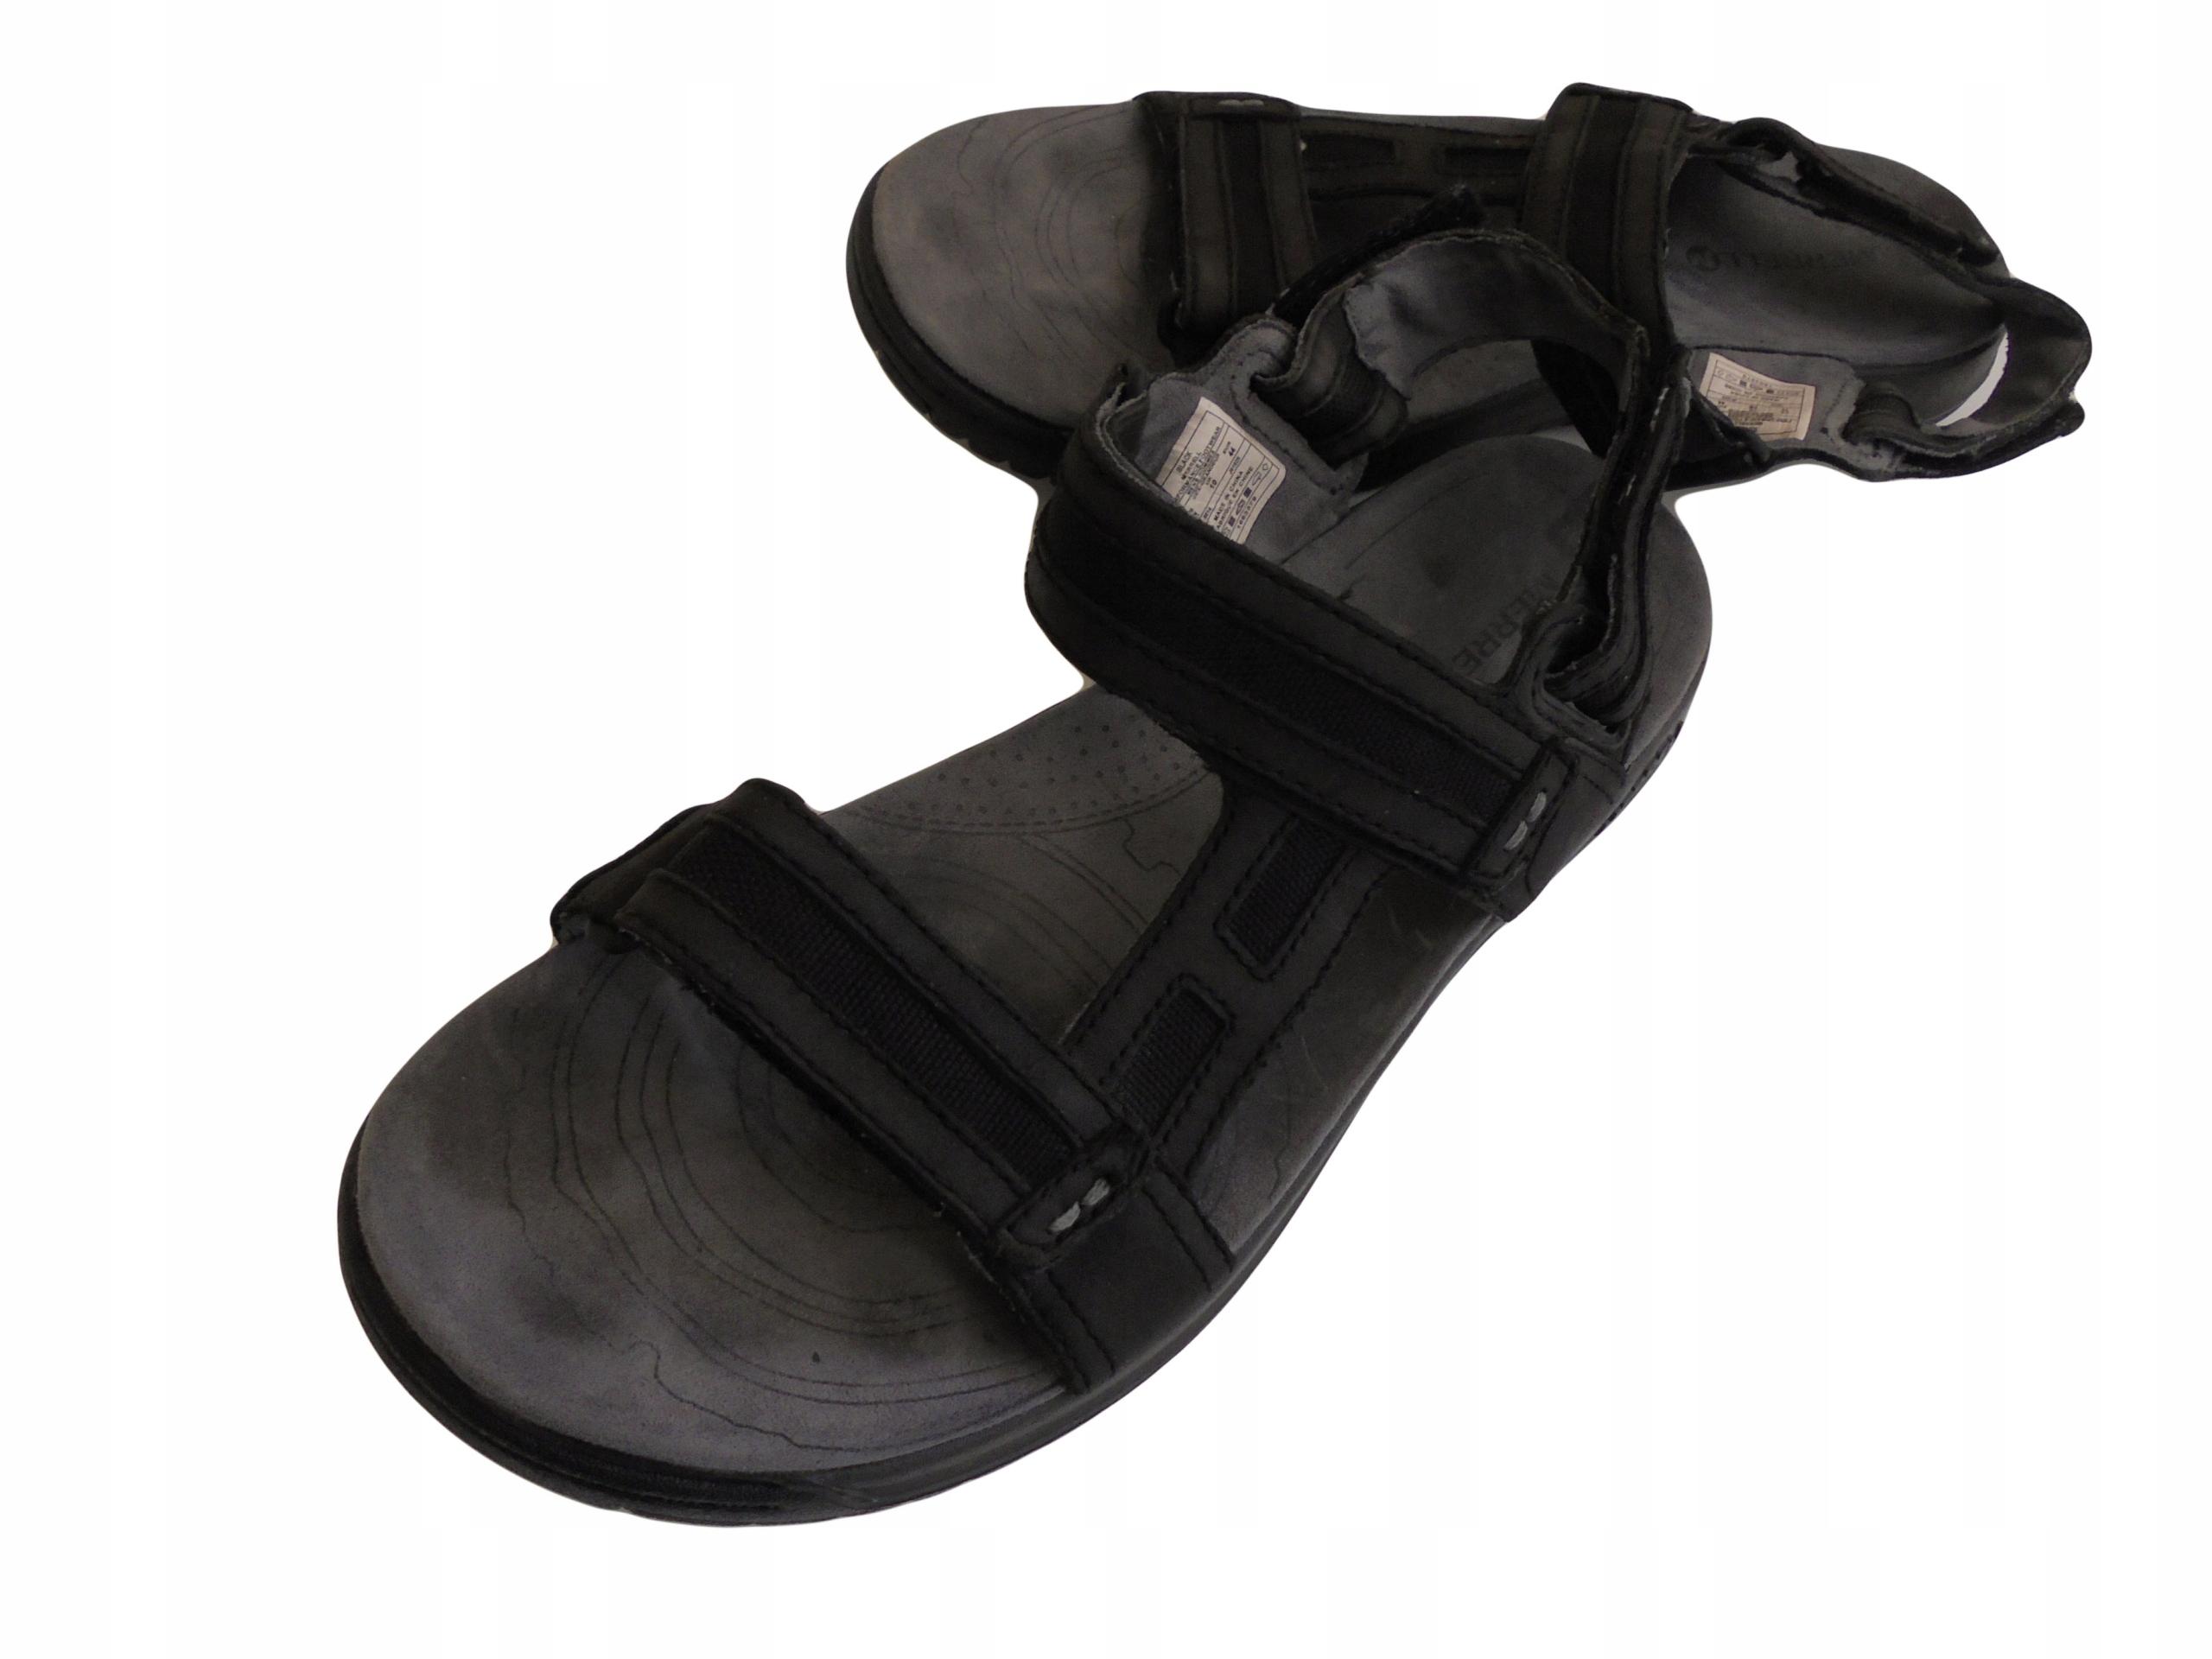 Skórzane sandały Merrell. Stan idealny. Rozmiar 44